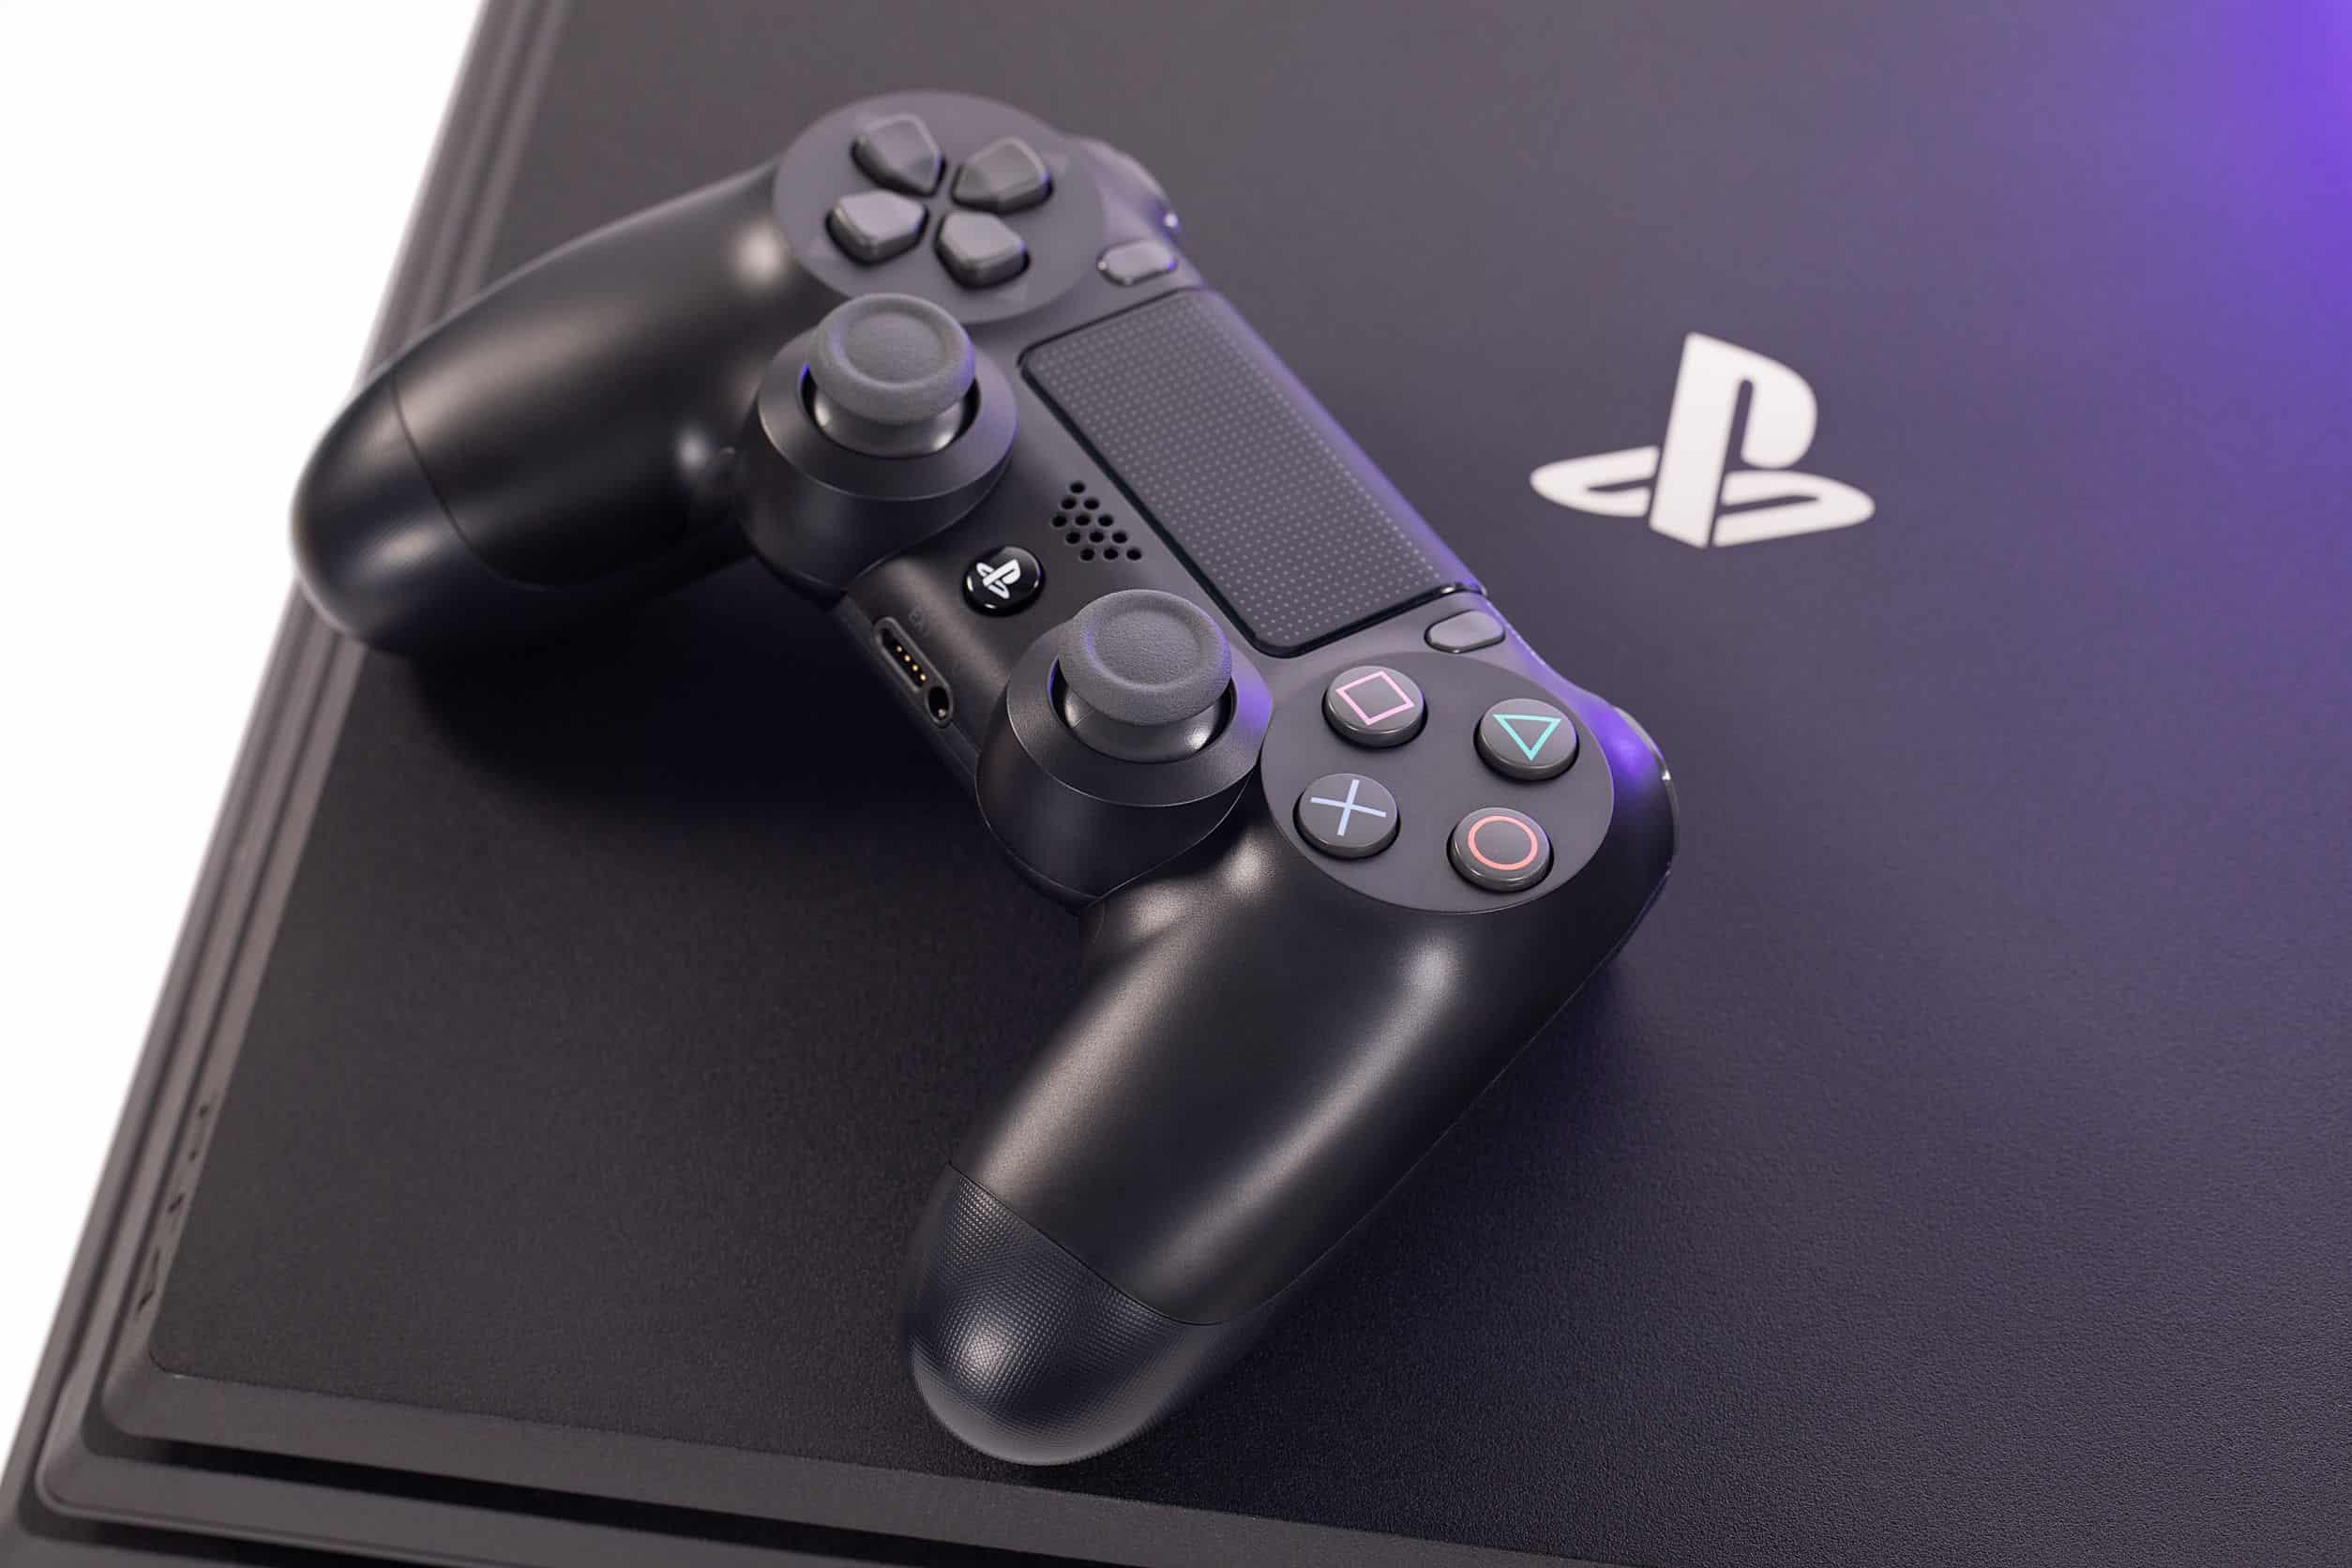 Acessórios para PS4: Veja como escolher os melhores em 2020